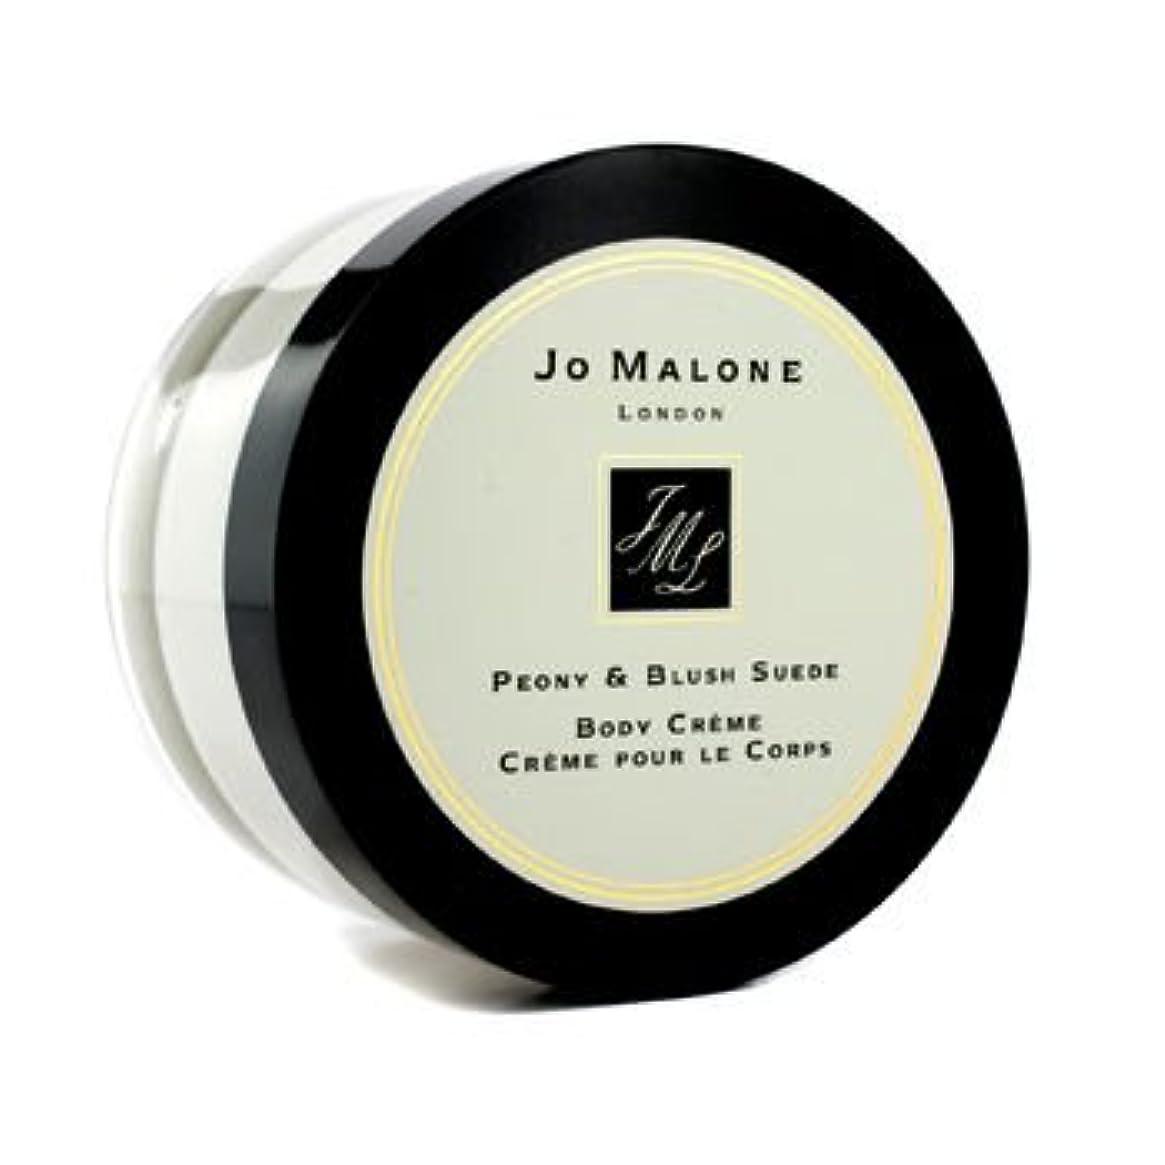 収束するペッカディロ栄光のジョーマローン ピオニー & ブラッシュ スエード ボディ クリーム 175ml/5.9oz並行輸入品